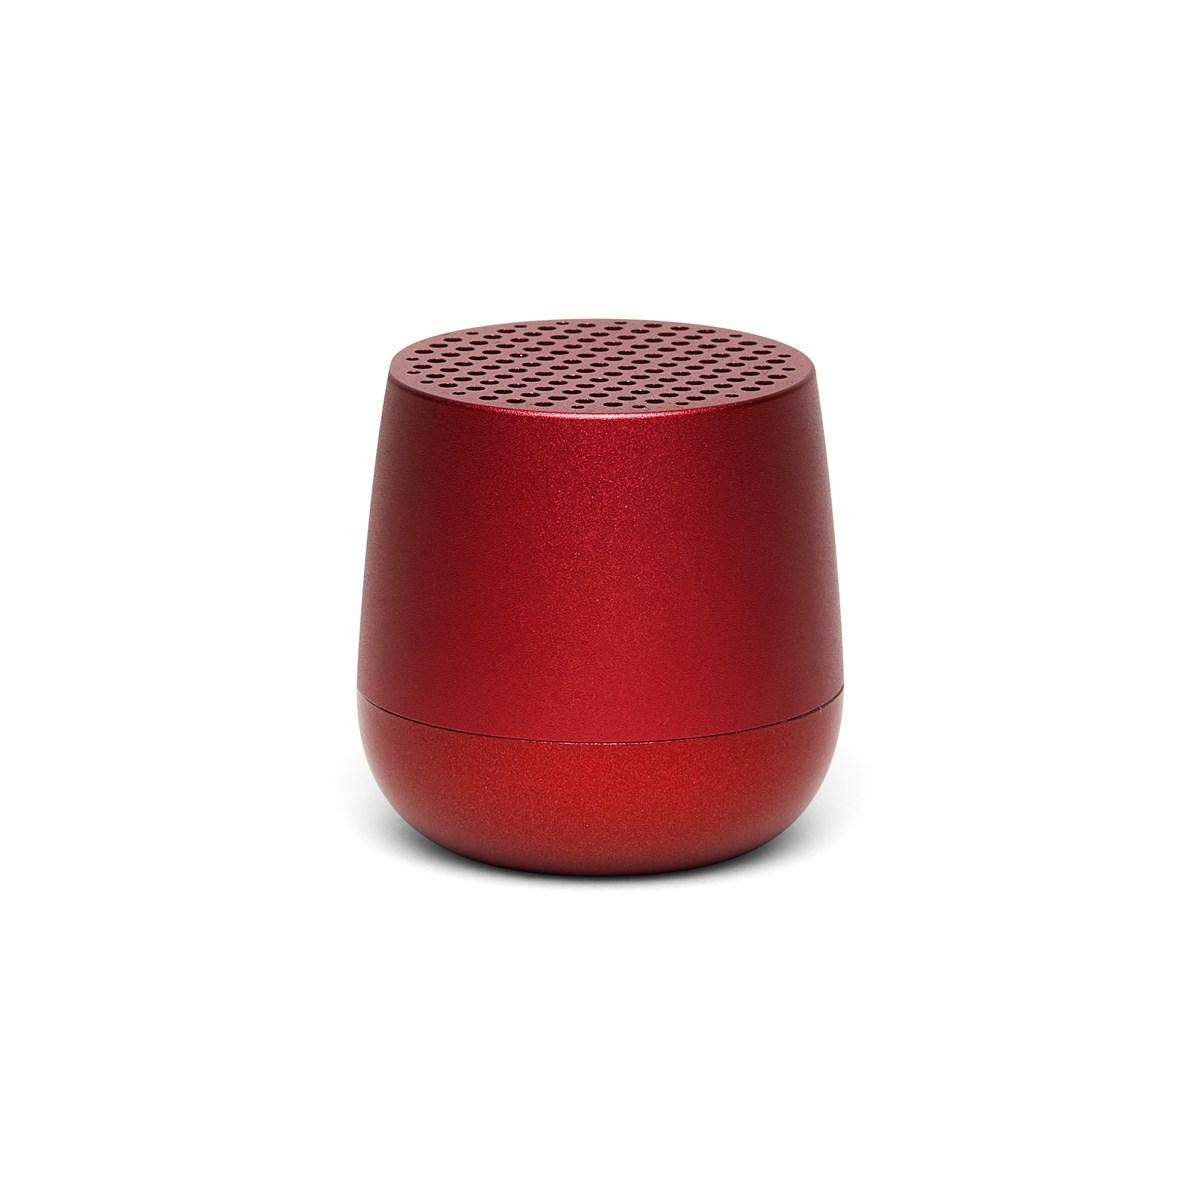 Enceinte bluetooth 3W rechargeable en aluminium rouge